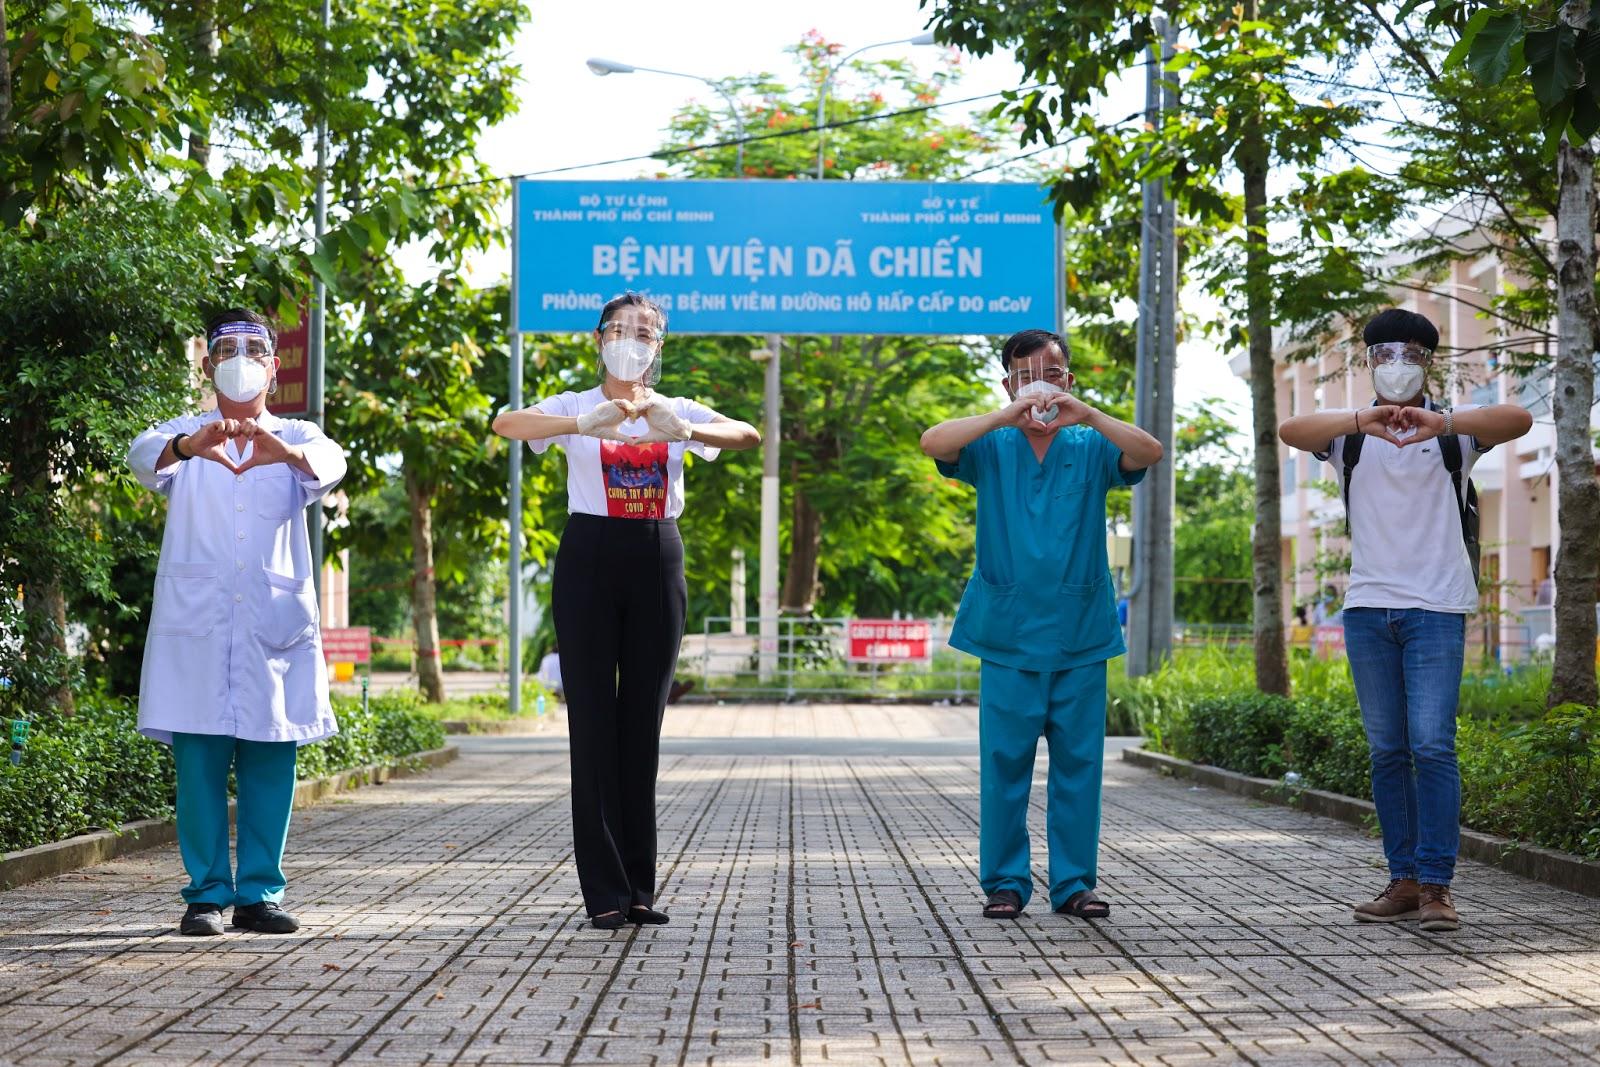 Nghệ sĩ trổ nghề tay trái tân trang nhan sắc cho y bác sĩ bệnh viện dã chiến - 9